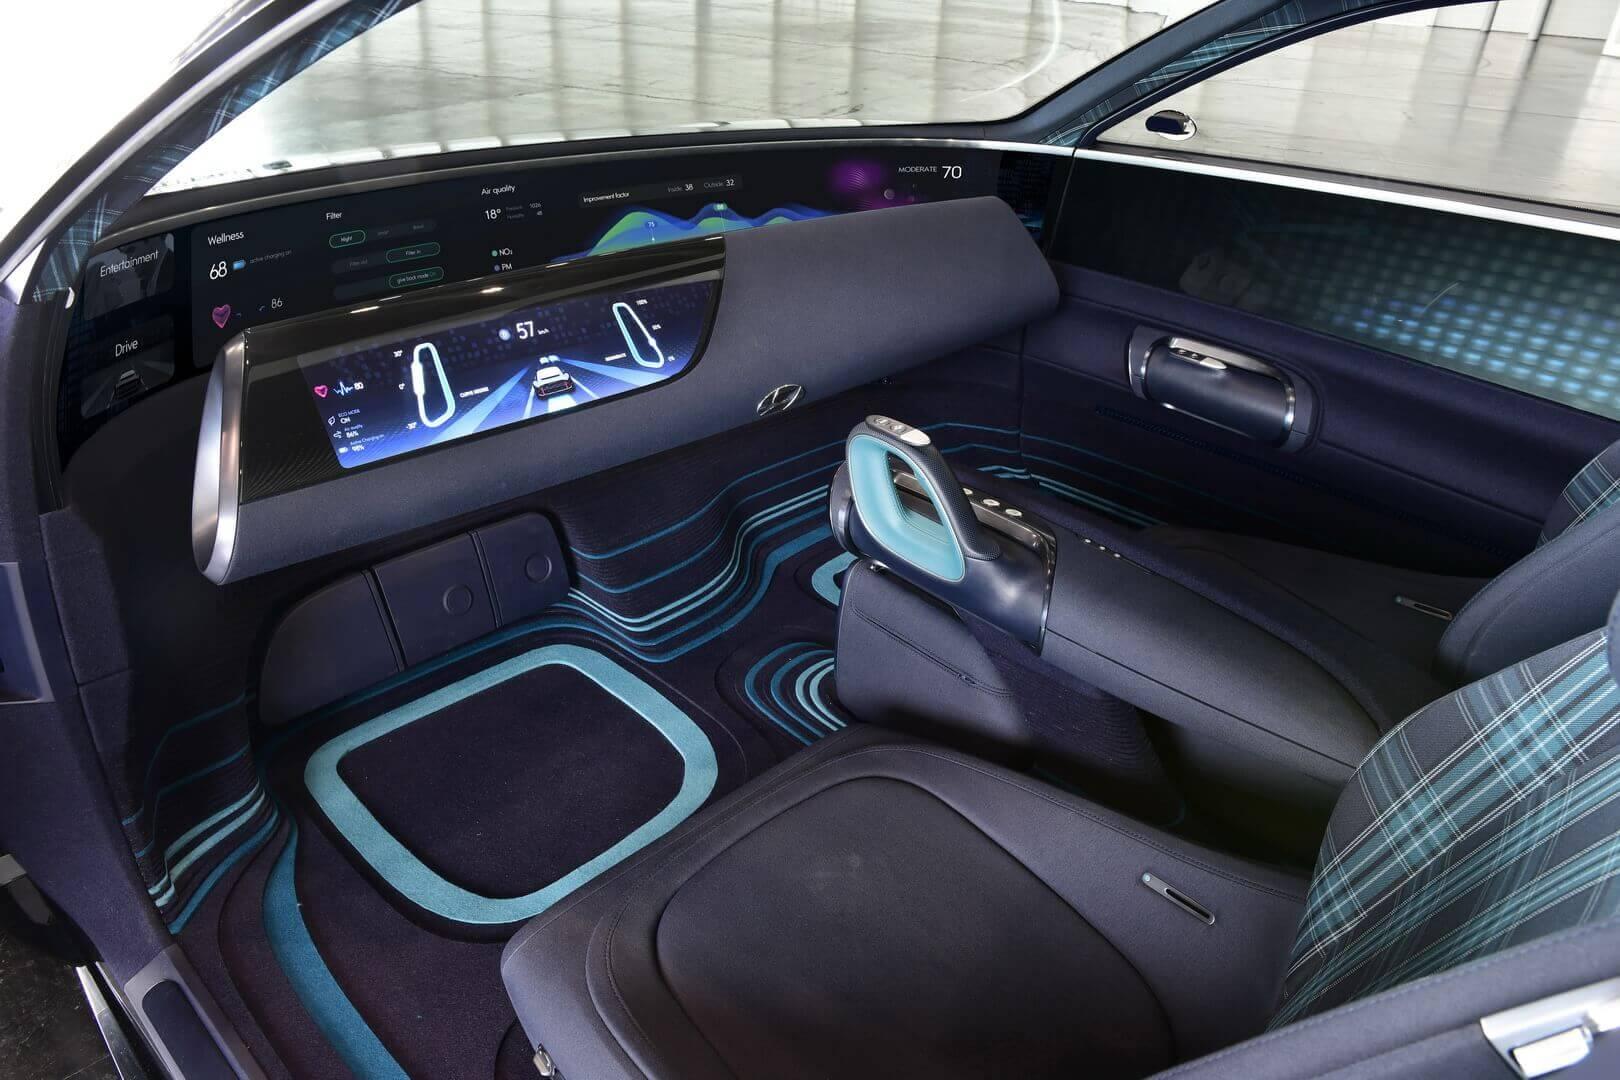 Вместо рулевого колеса, установленного высоко на приборной панели перед водителем, Prophecy управляется двумя джойстиками, расположенными слева и справа от водителя